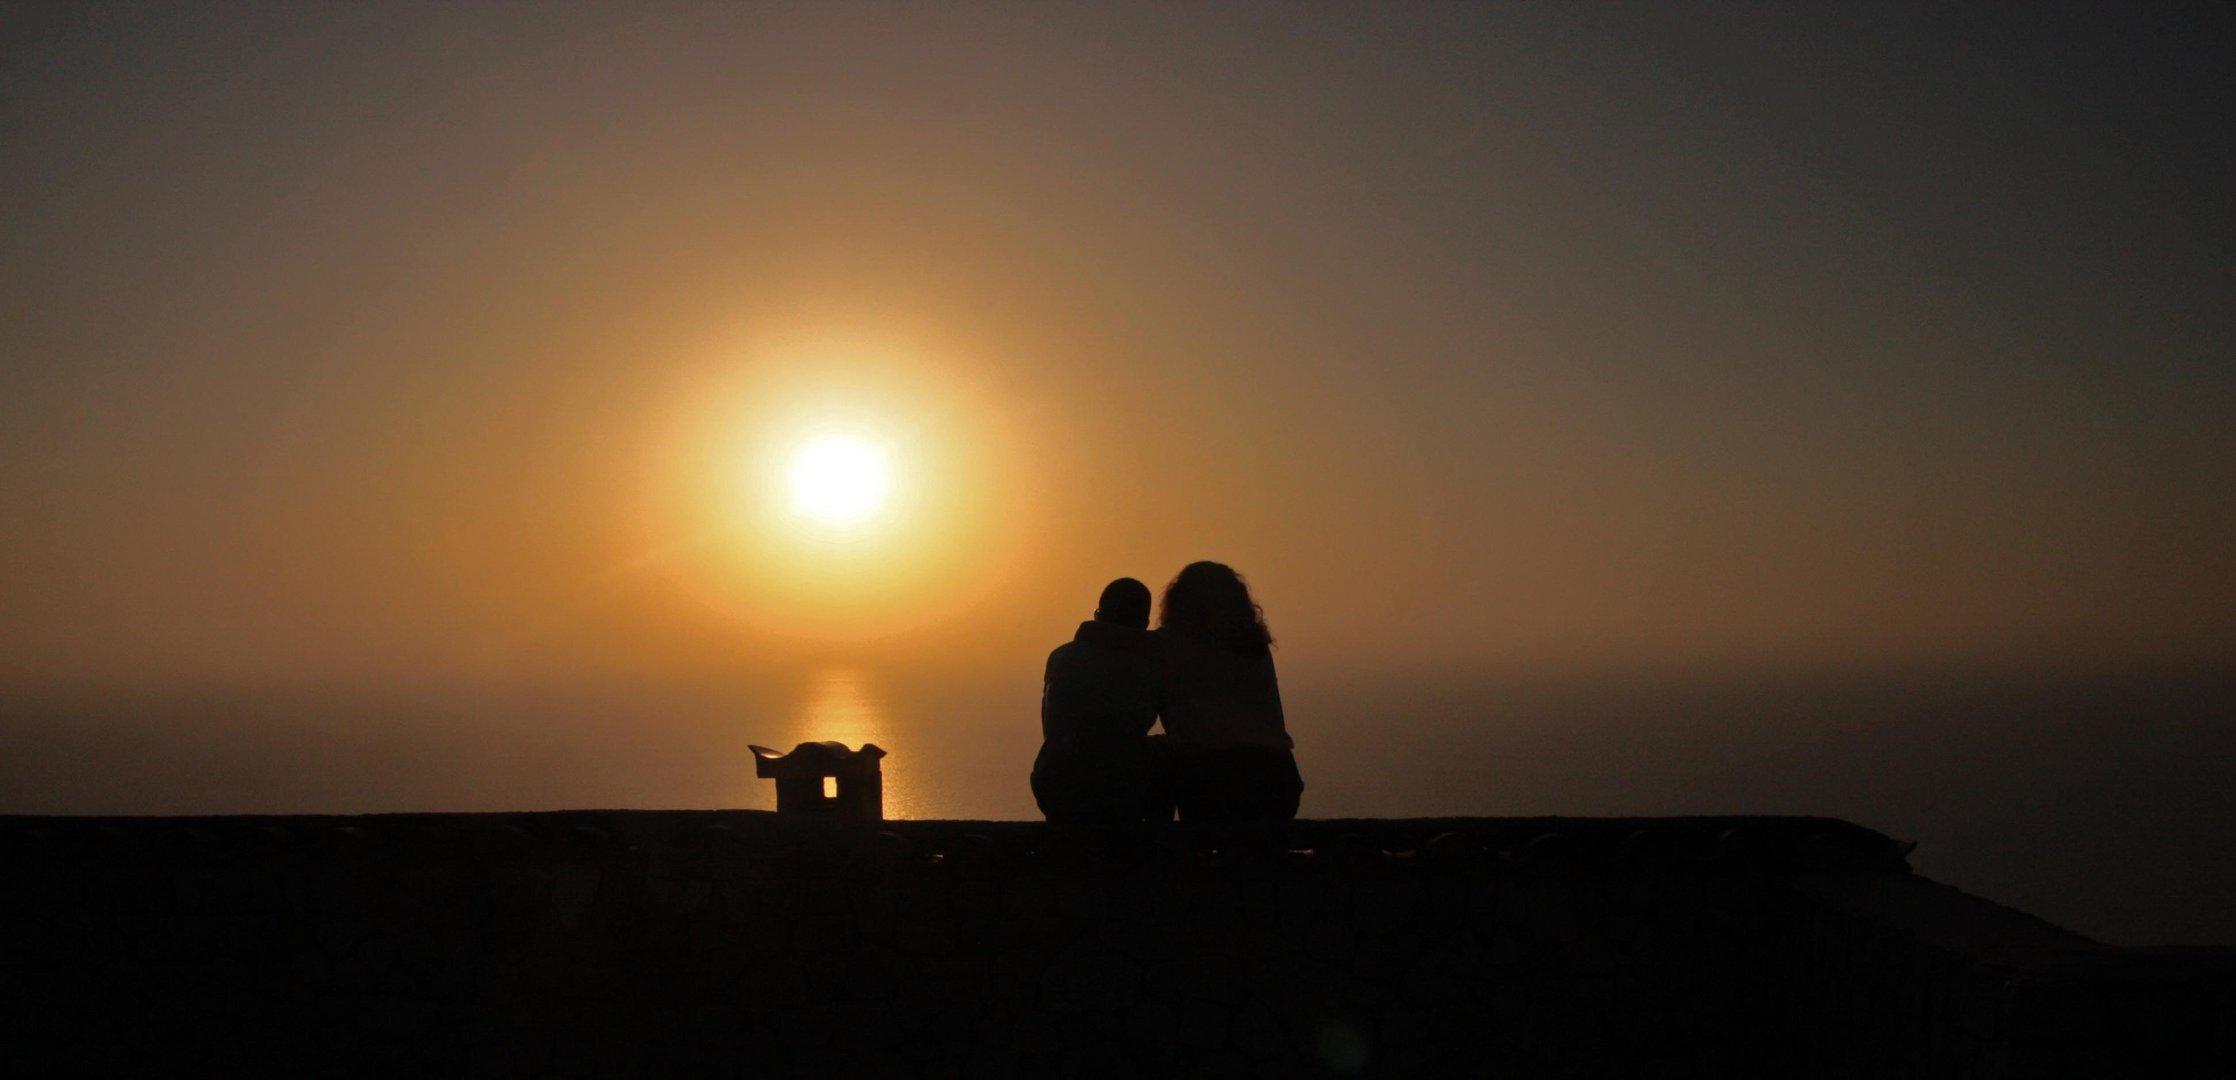 Sonnenuntergang zu zweit geniessen